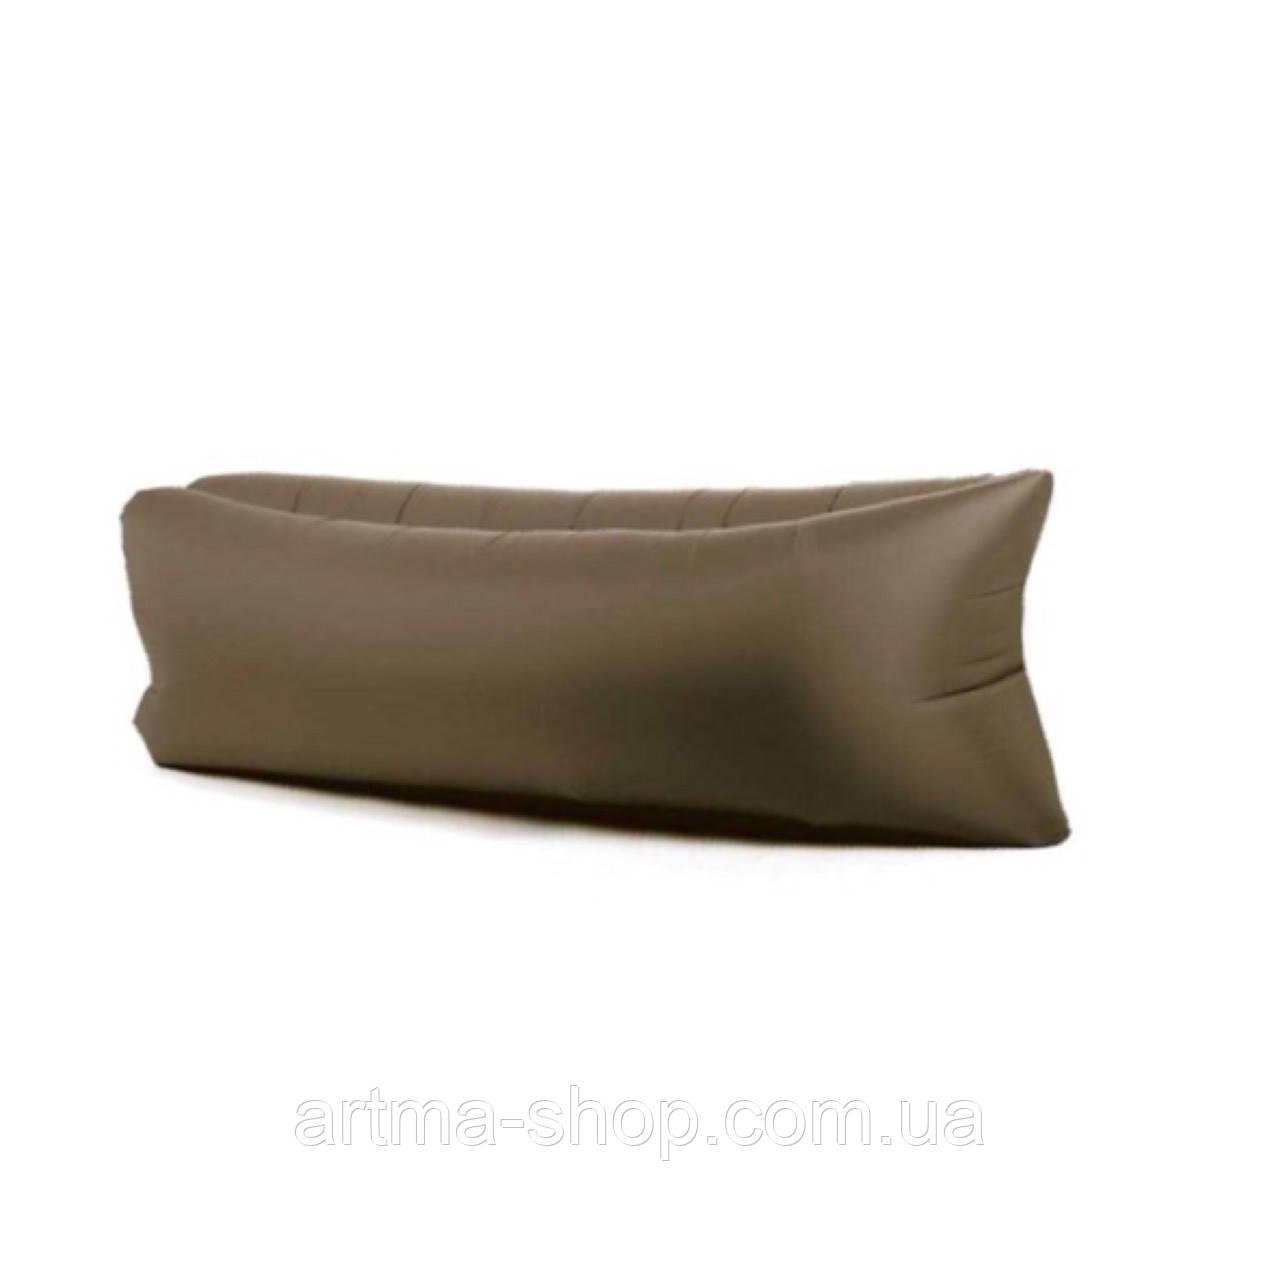 Шезлонг надувной Ламзак Коричневый , 240 * 70 см, поліестер, Надувний Ламзаки, Надувний диван.